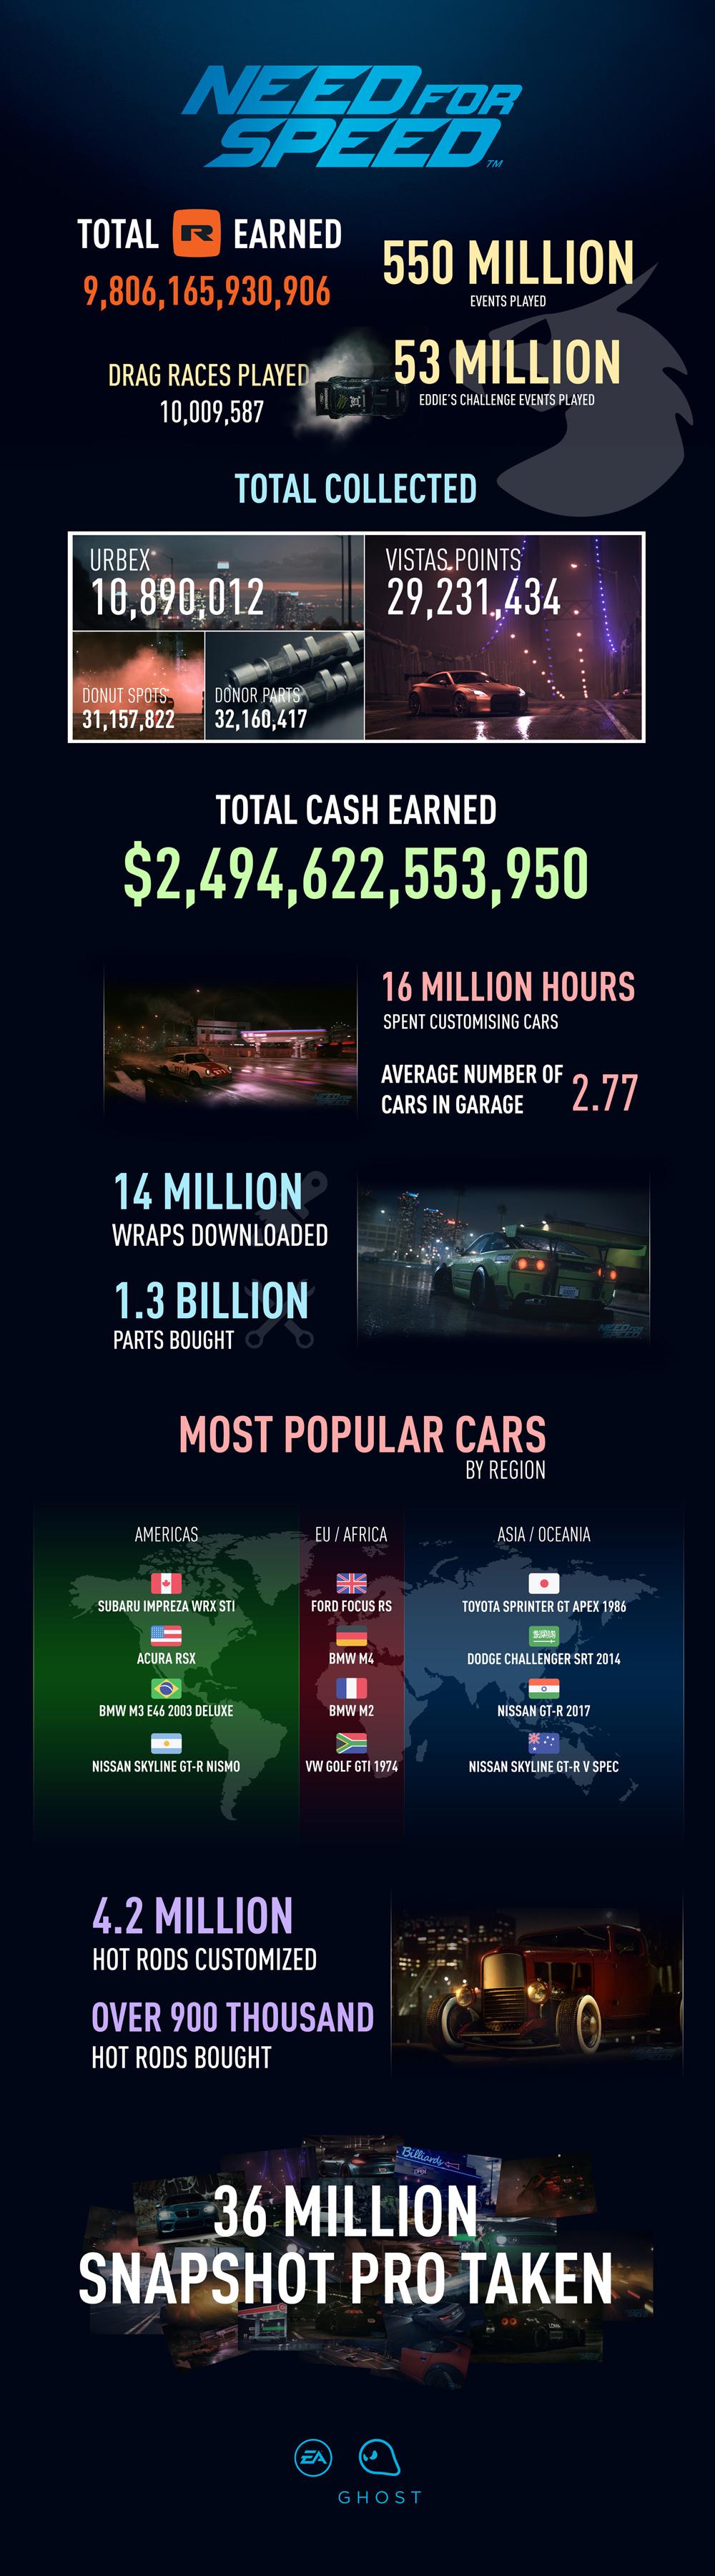 Need for Speed volverá en 2017 con un nuevo videojuego